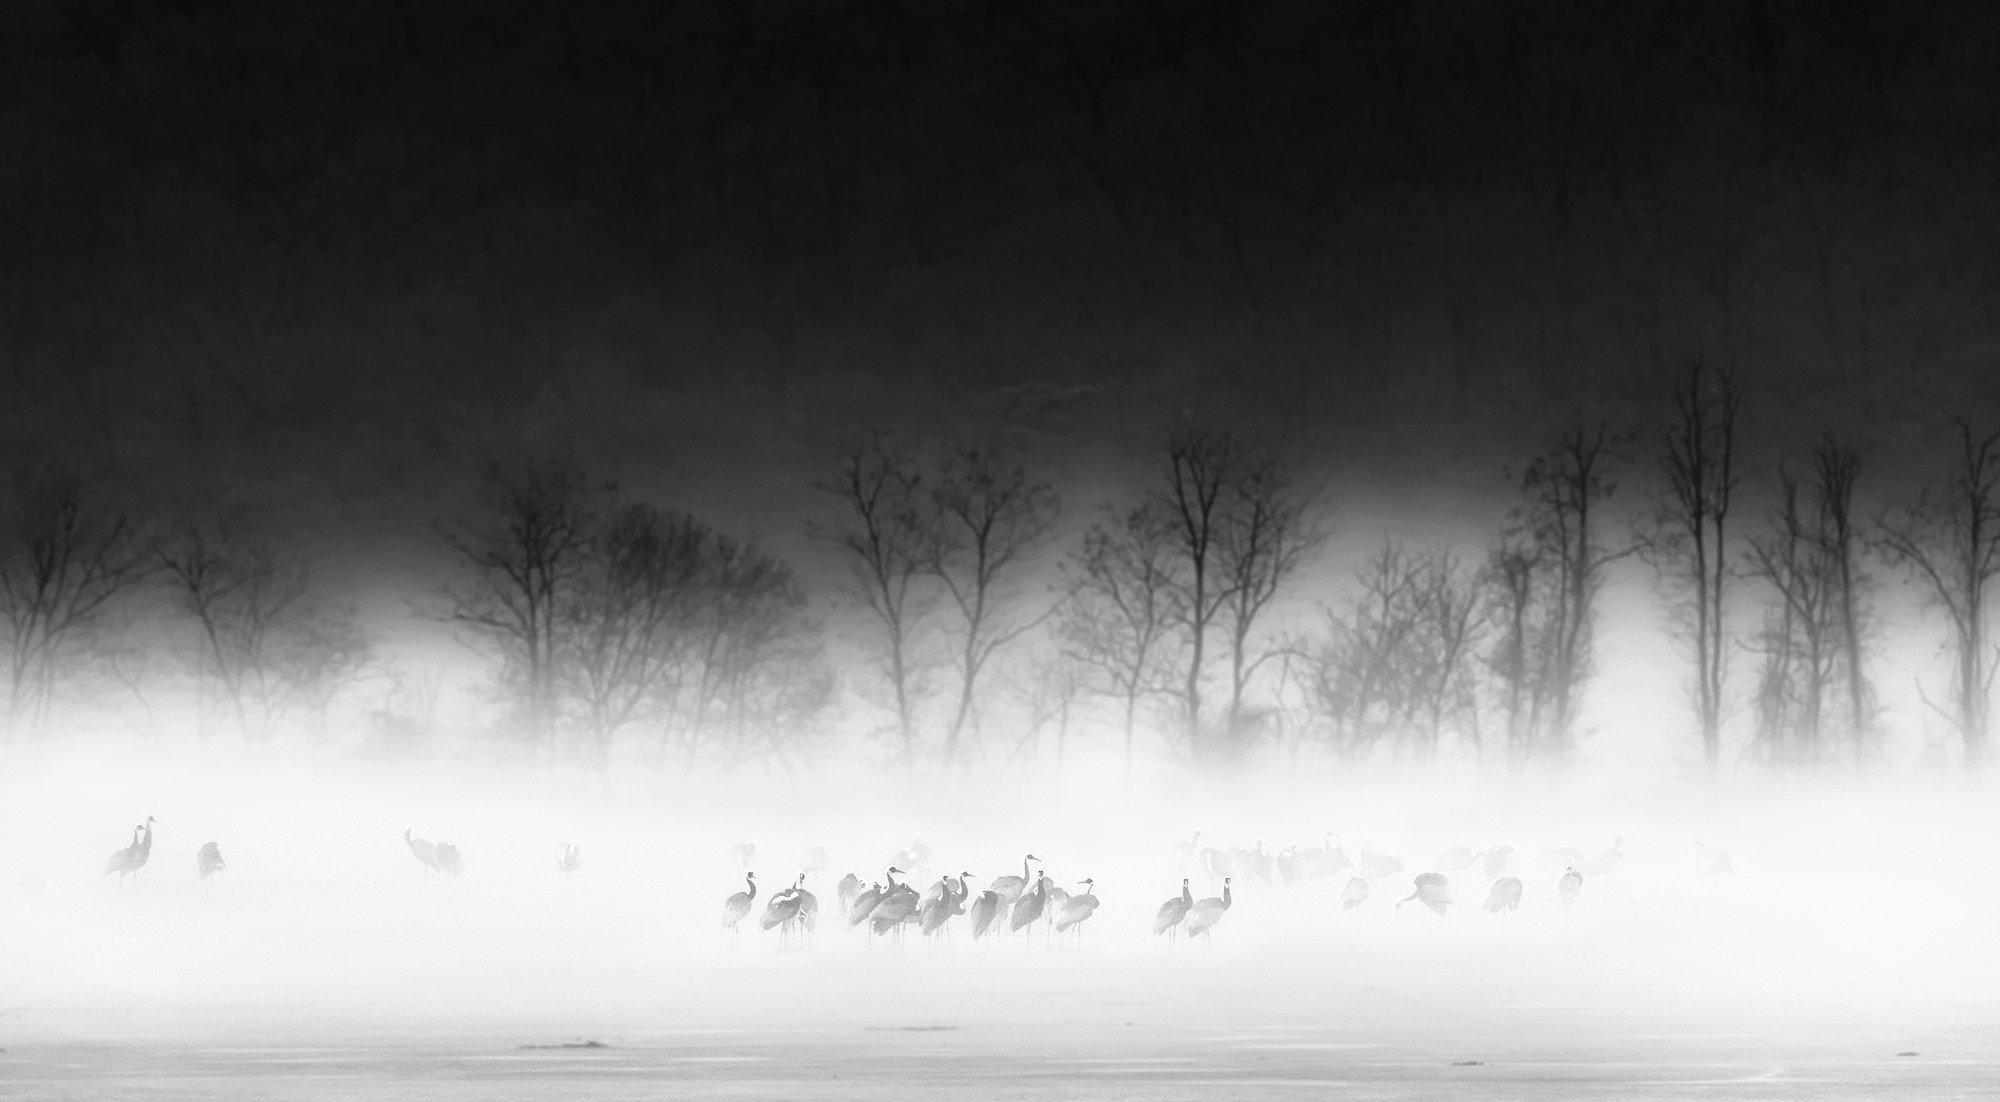 Fog, White-naped crane, KIM SUK EUN